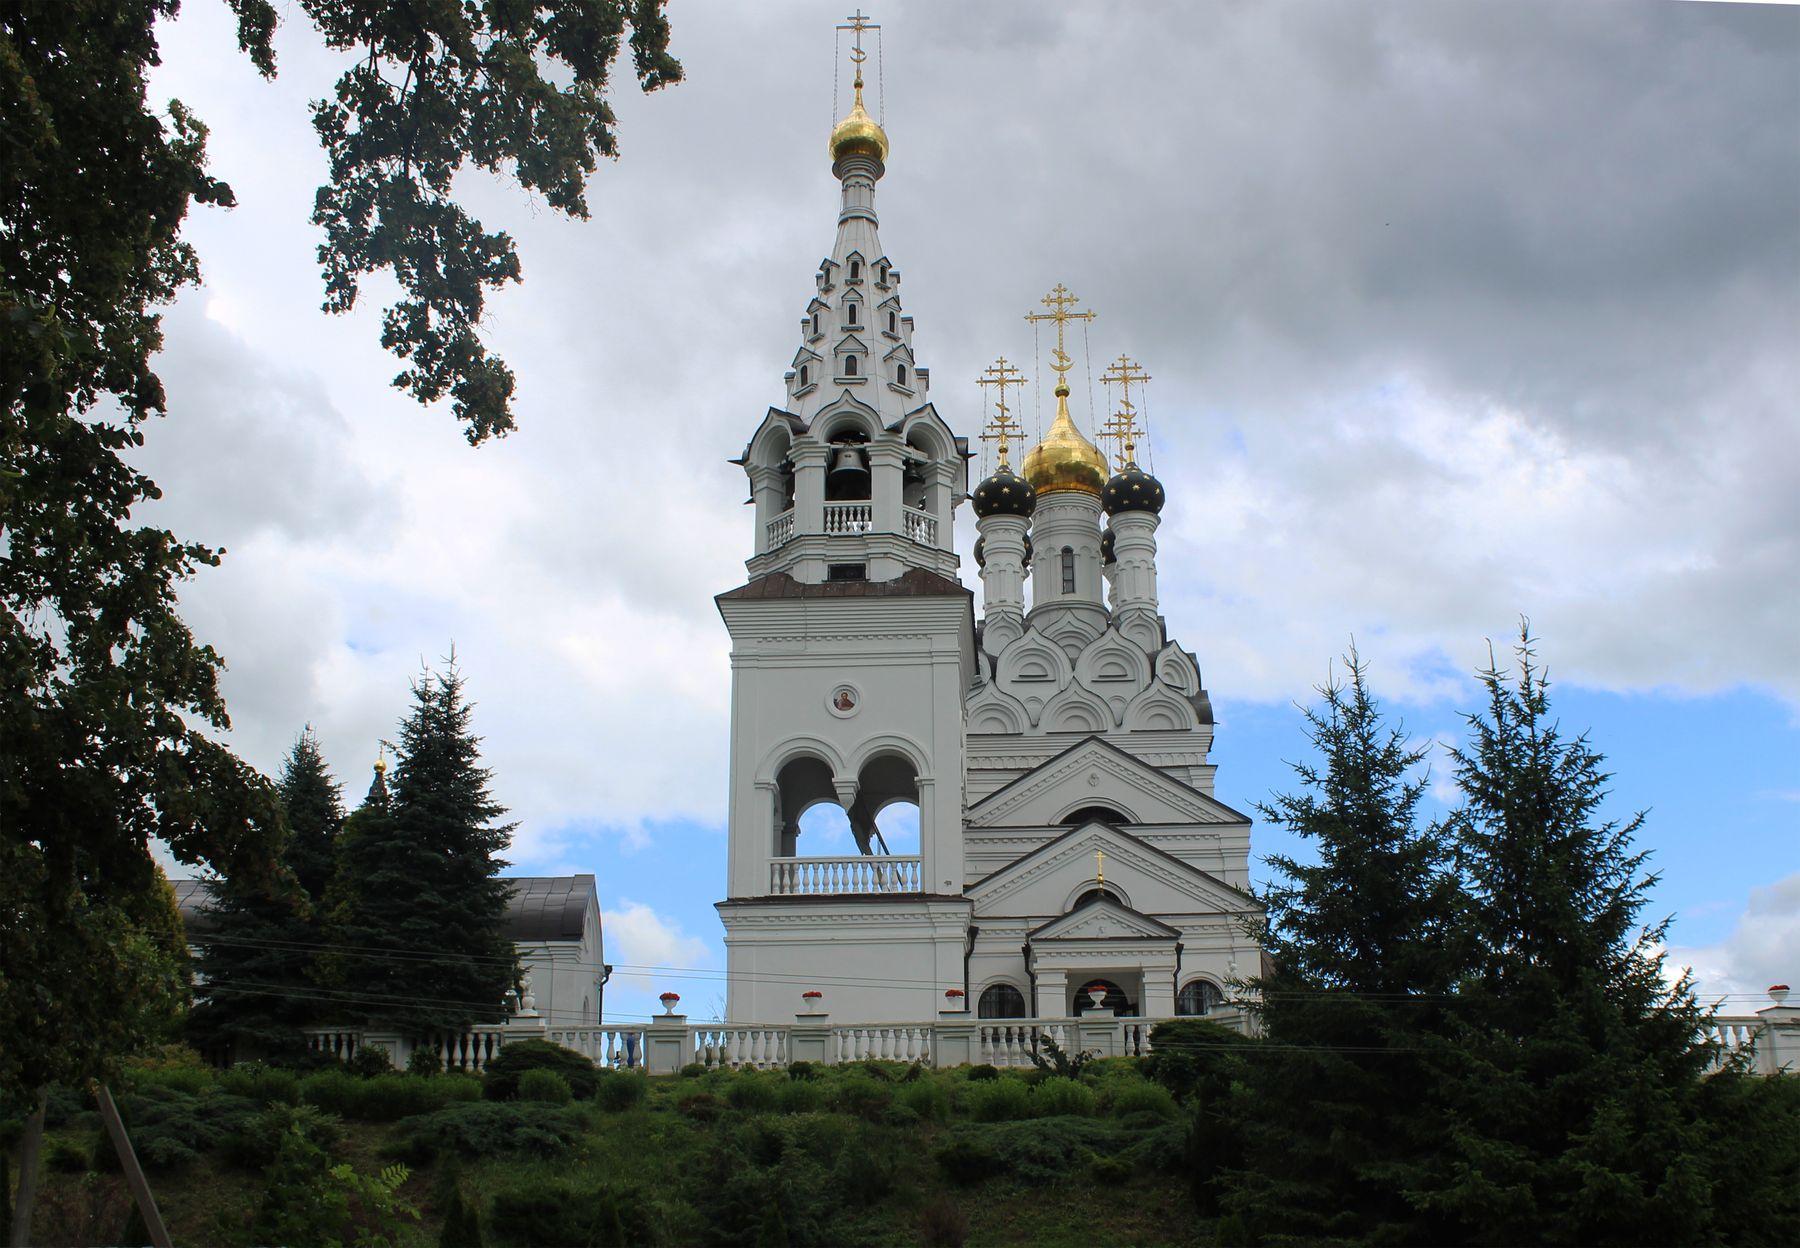 Церковь в Багратионовске.